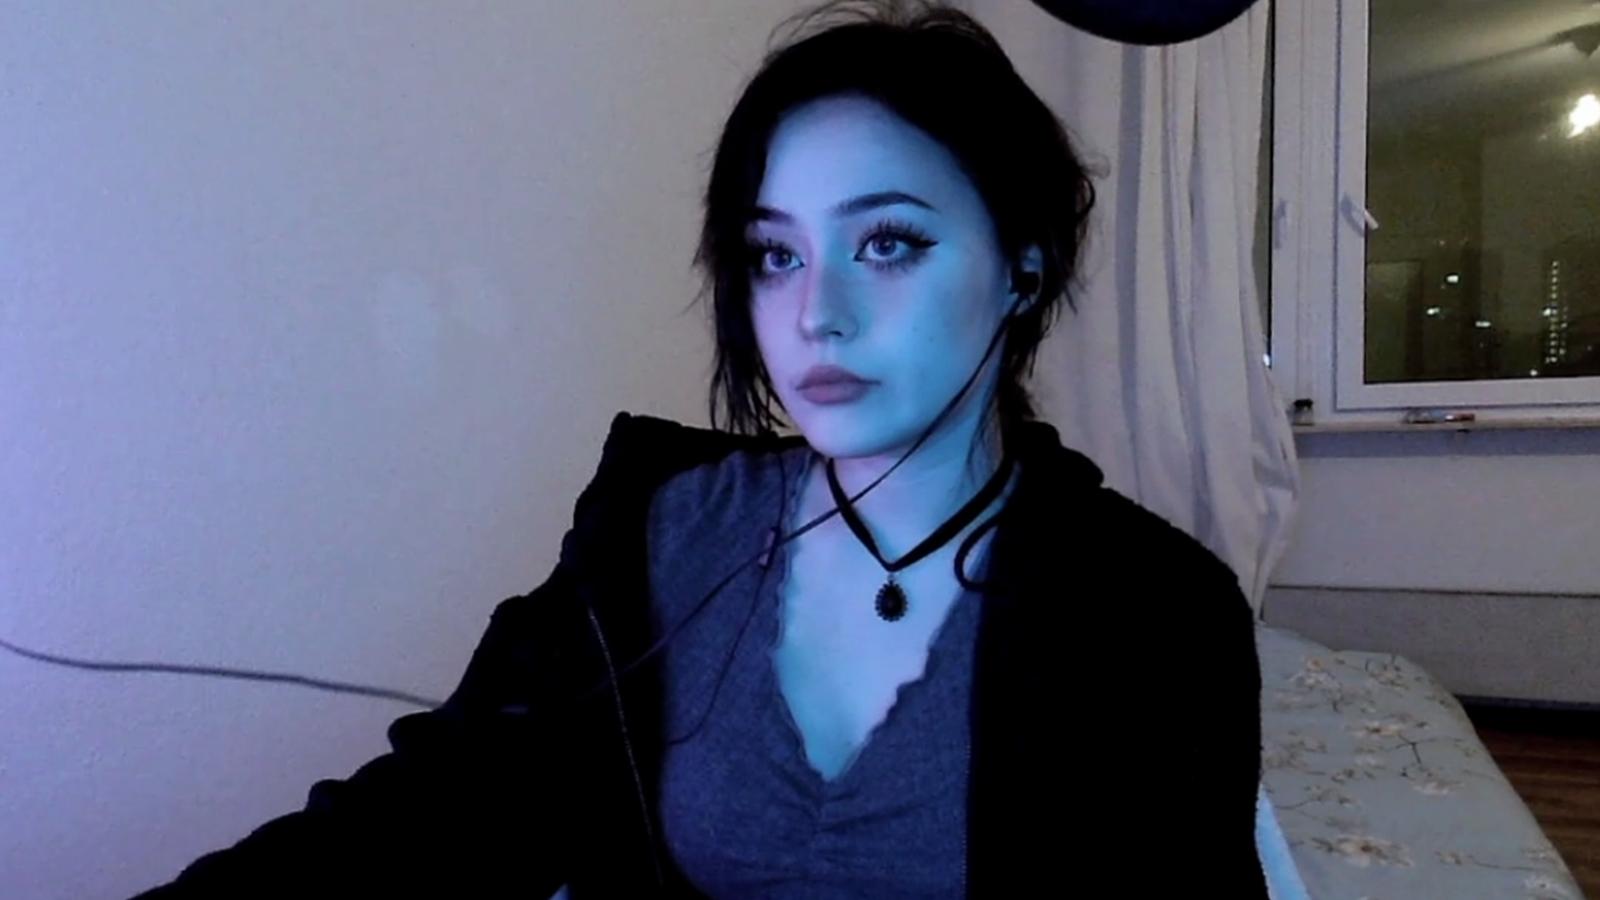 Jadeyanh reassures fans after Twitch stalker scare.